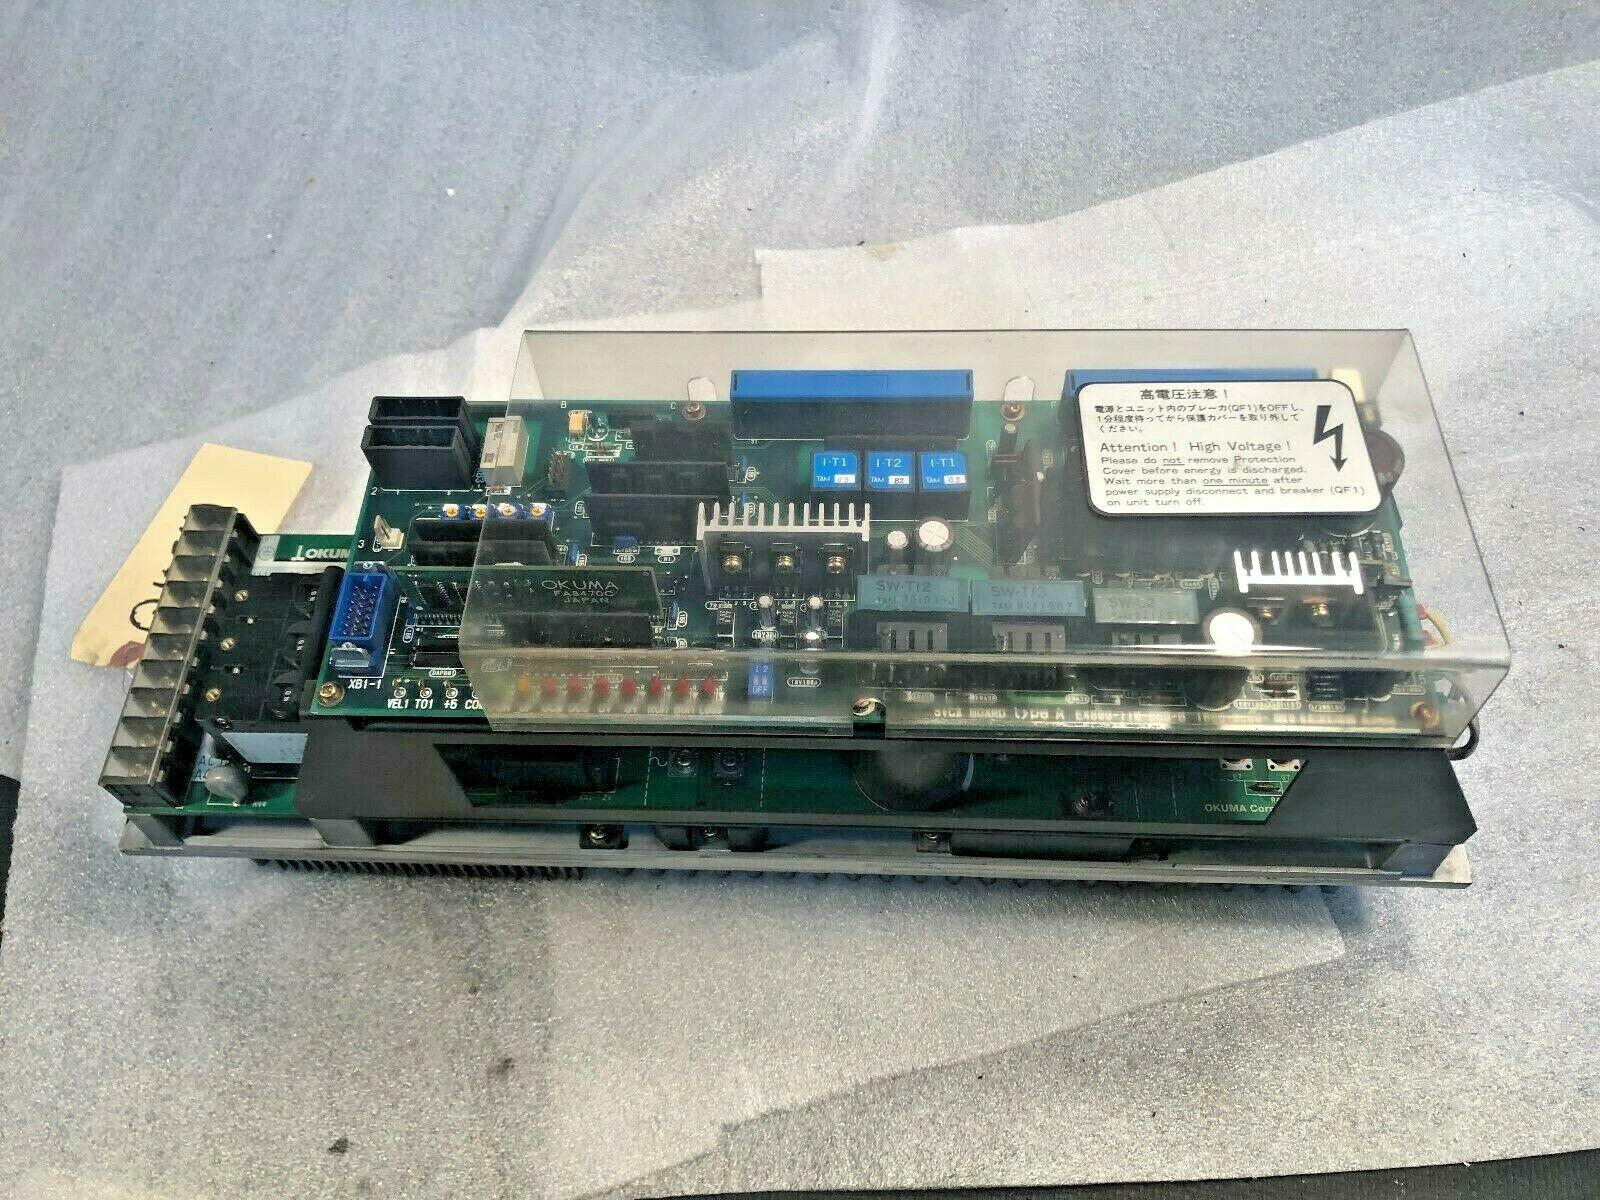 Okuma BLII-D 50 Amp Servo Drive, Came off a 1999 Okuma L1060 Turning Center, 1006-0612-80-73, Ver 3.1